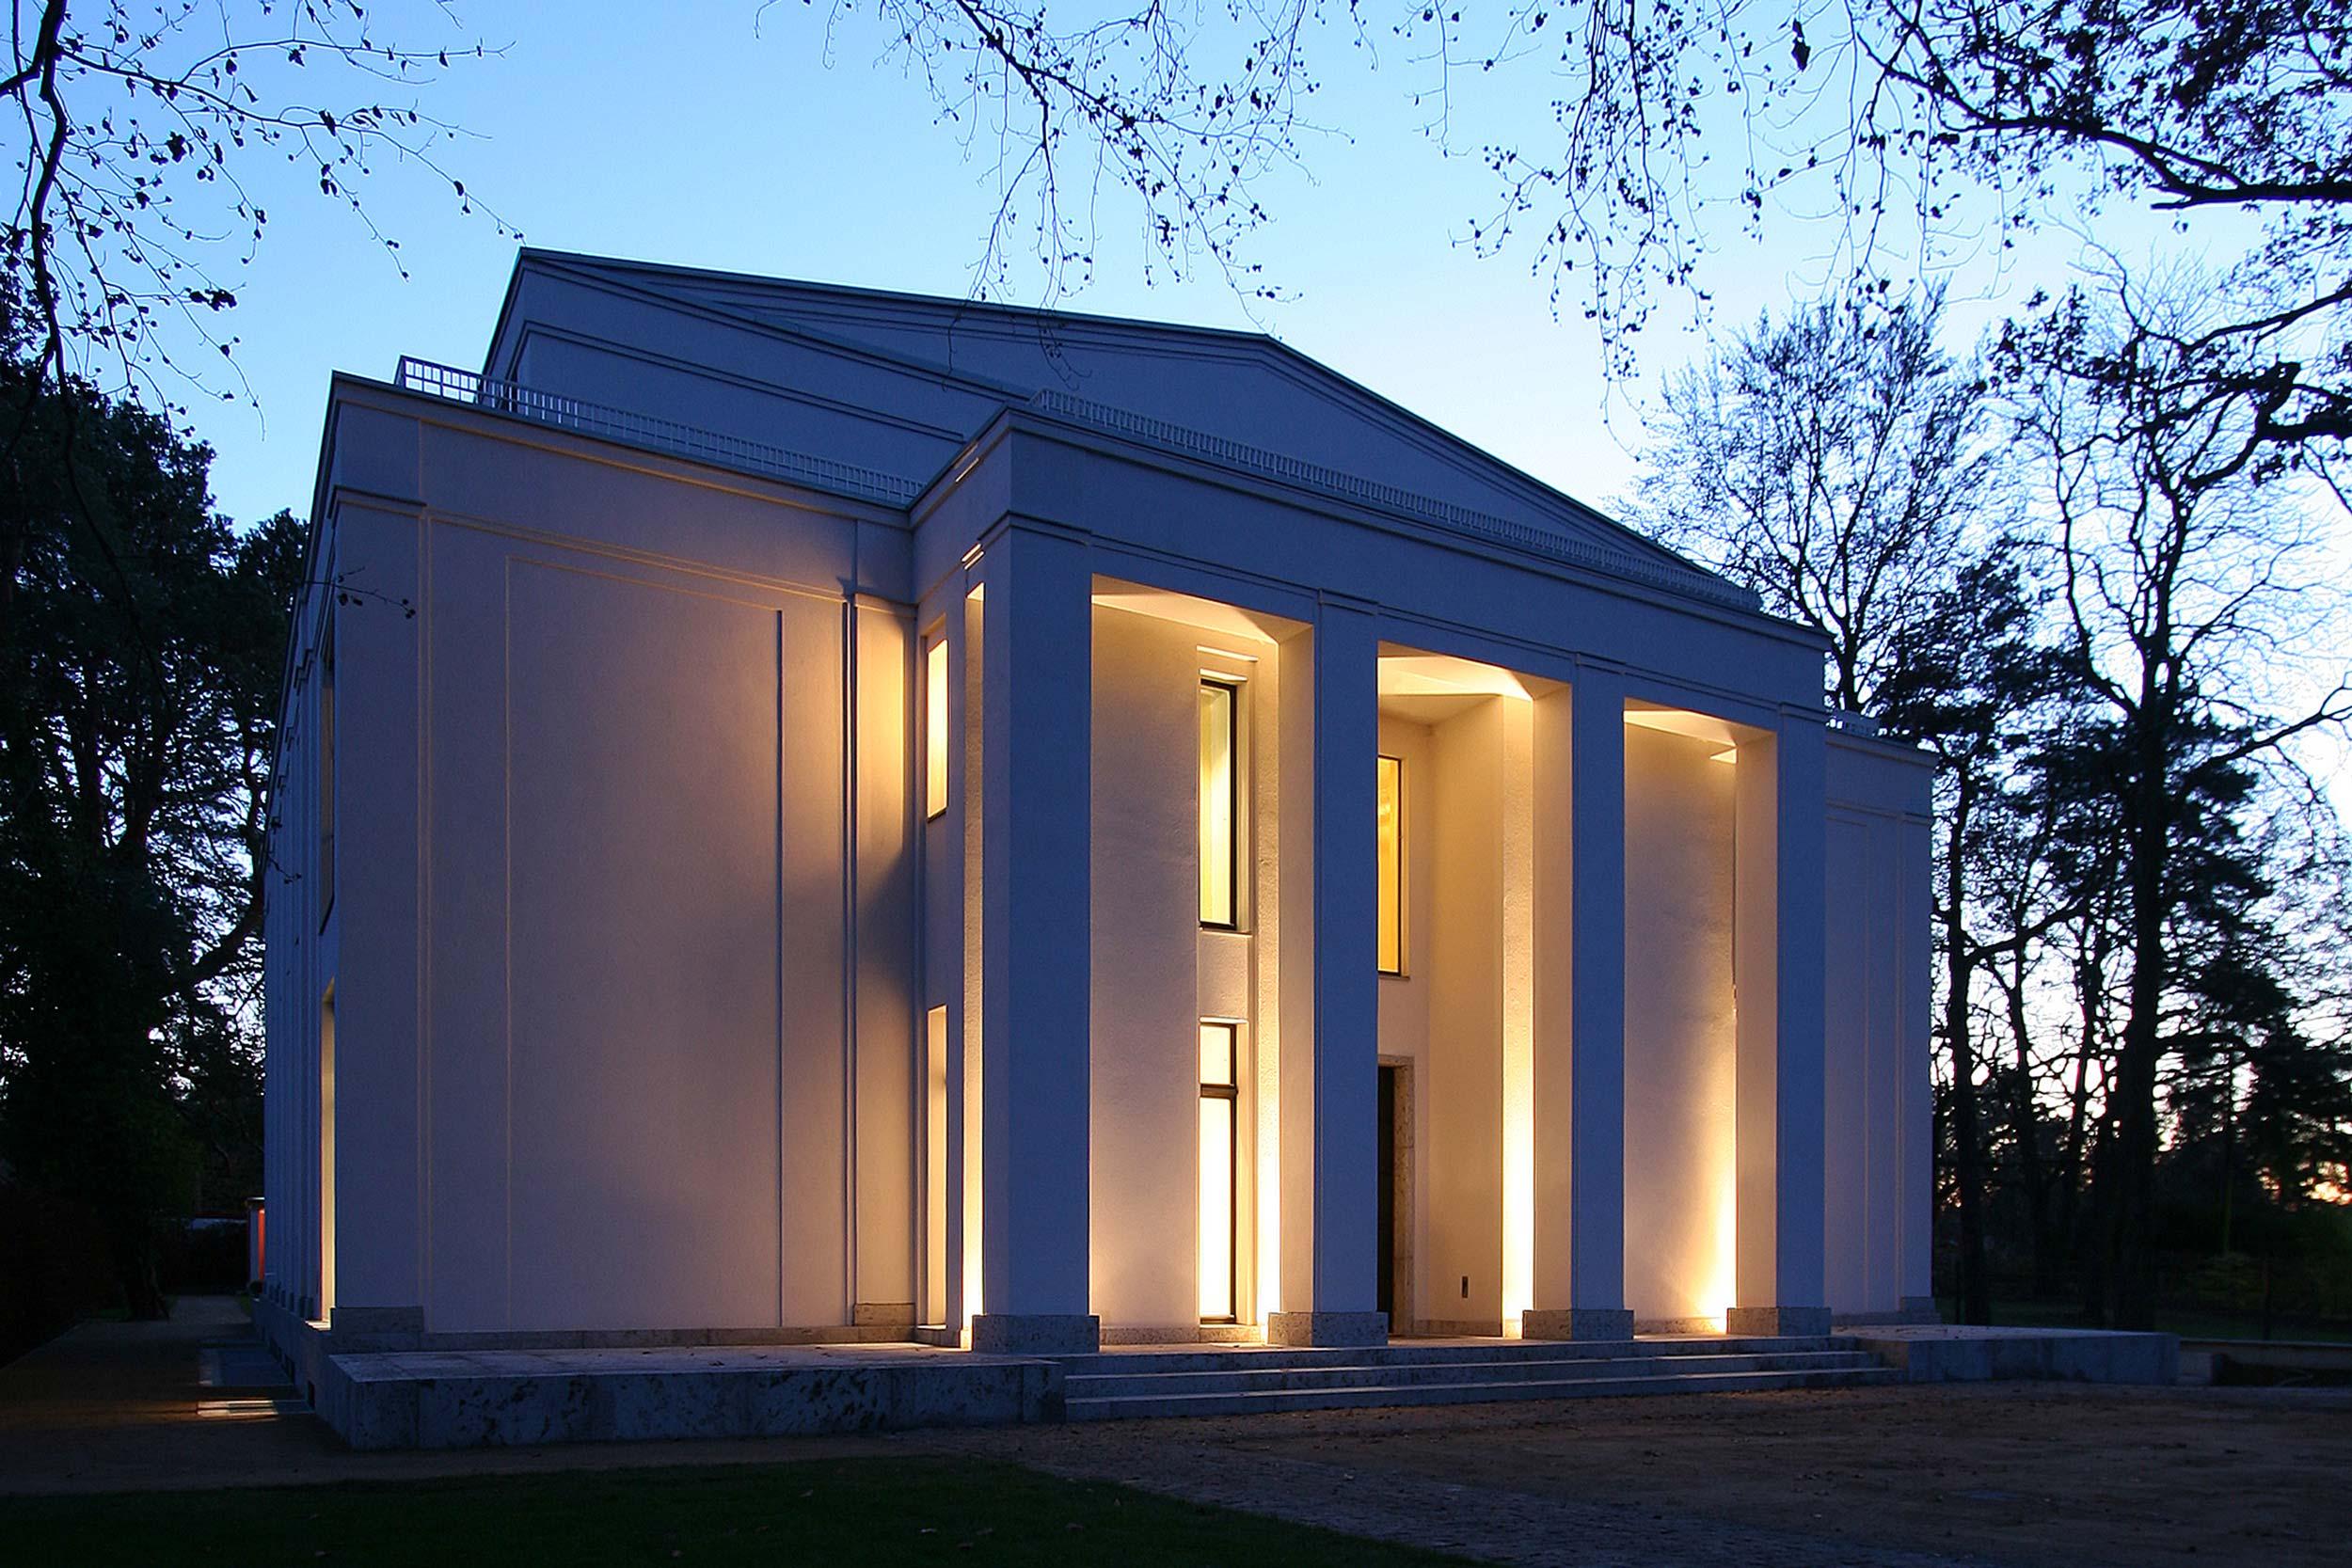 Neubau einer Villa im neoklassizistischen Stil - Das Hauptportal mit massiven Säulen und Giebeldreieck bei abendlicher Dämmerung